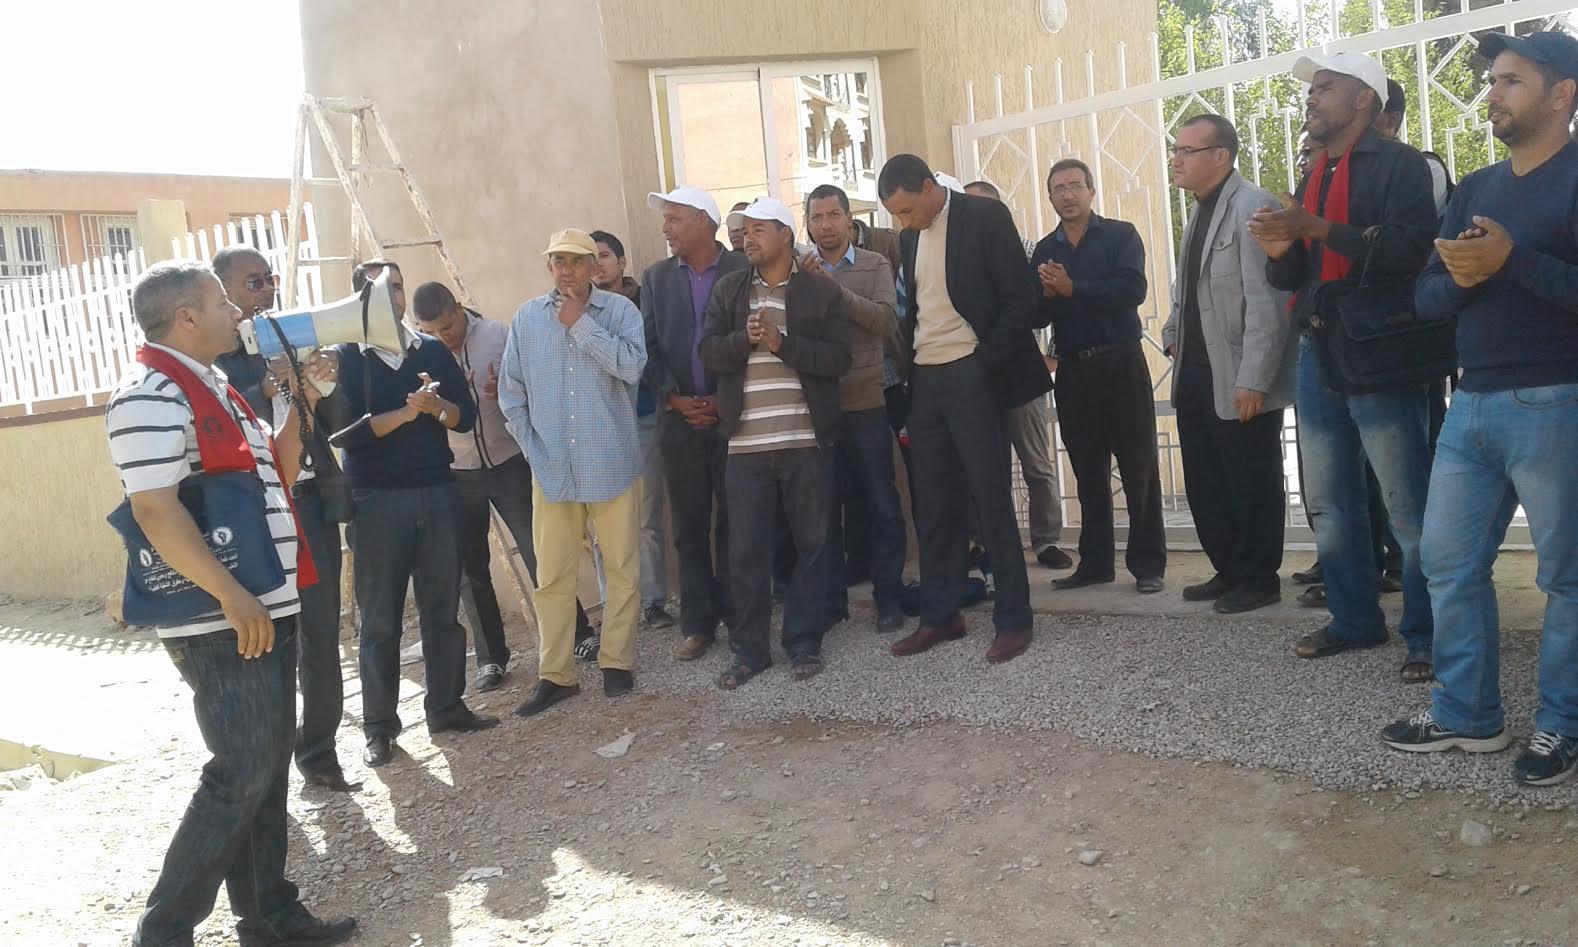 بيان المكتب الجهوي درعة تافيلالت ل FNE بعد الوقفة أمام الاكاديمية الجهوية بالراشيدية 16 أكتوبر 2016-2